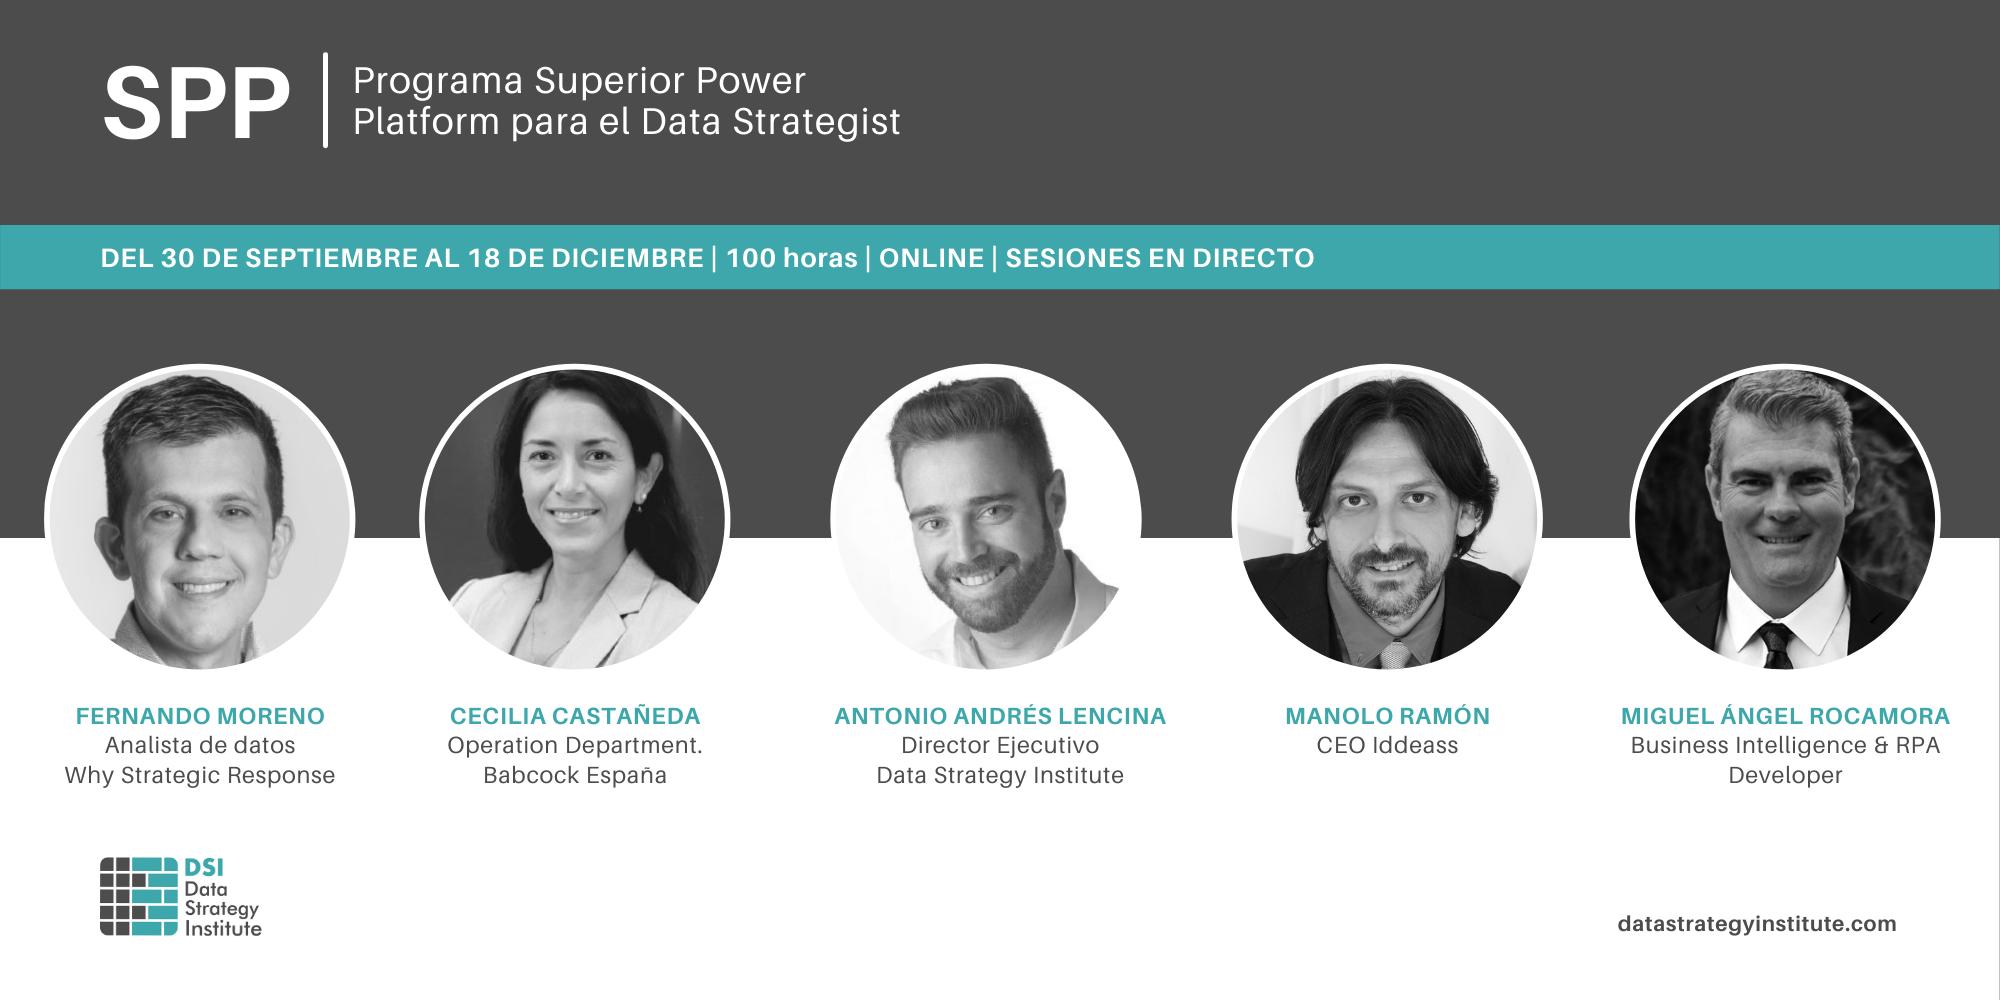 Nuevo lanzamiento: Programa Superior Power Platform para el Data Strategist